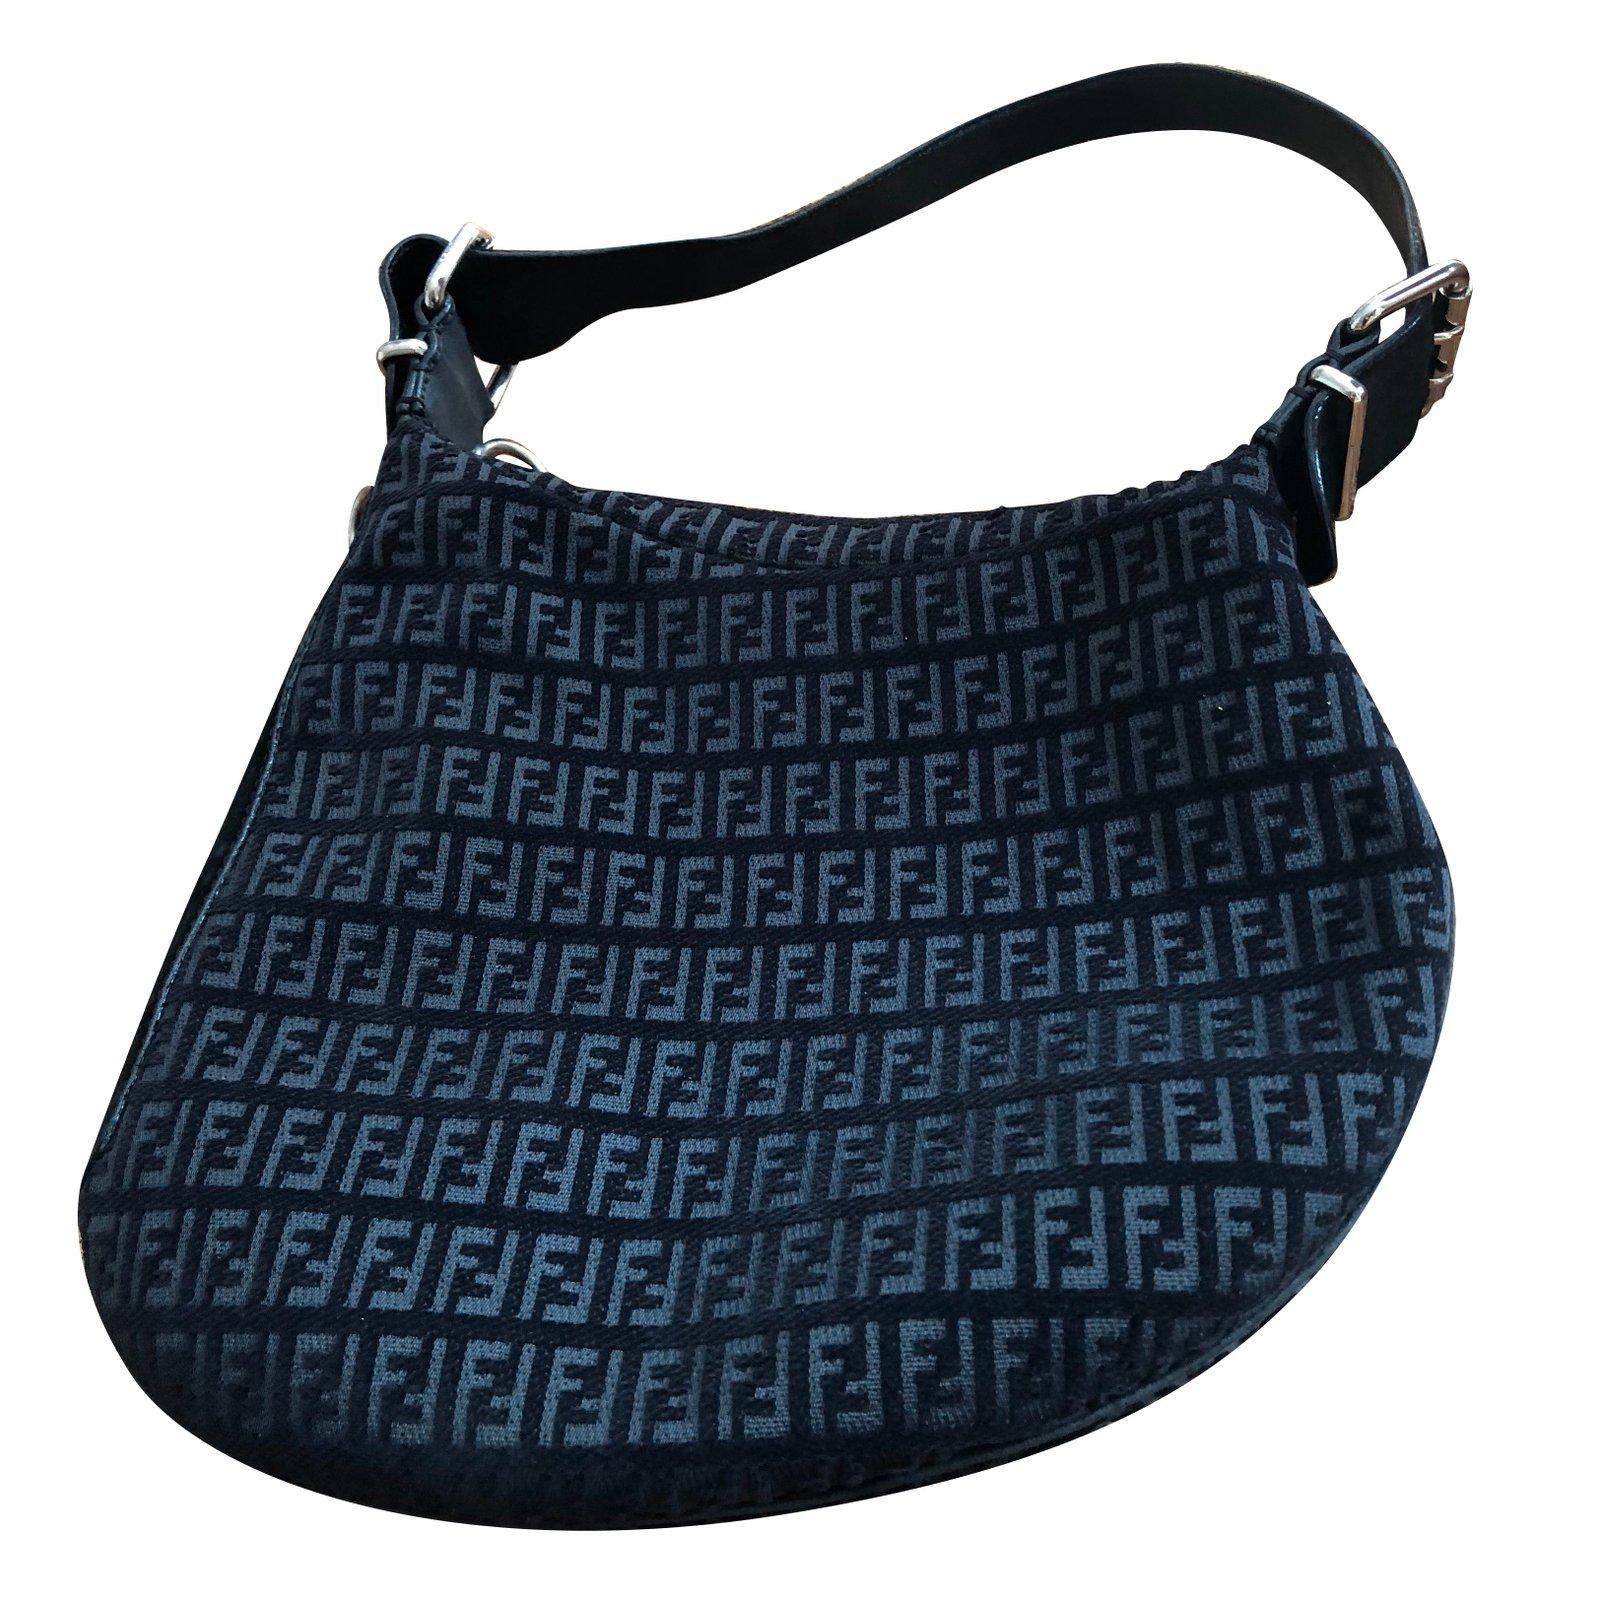 c5b527f0921 ... greece fendi shoulder bag handbags cloth black ref.77018 4576b 4a791